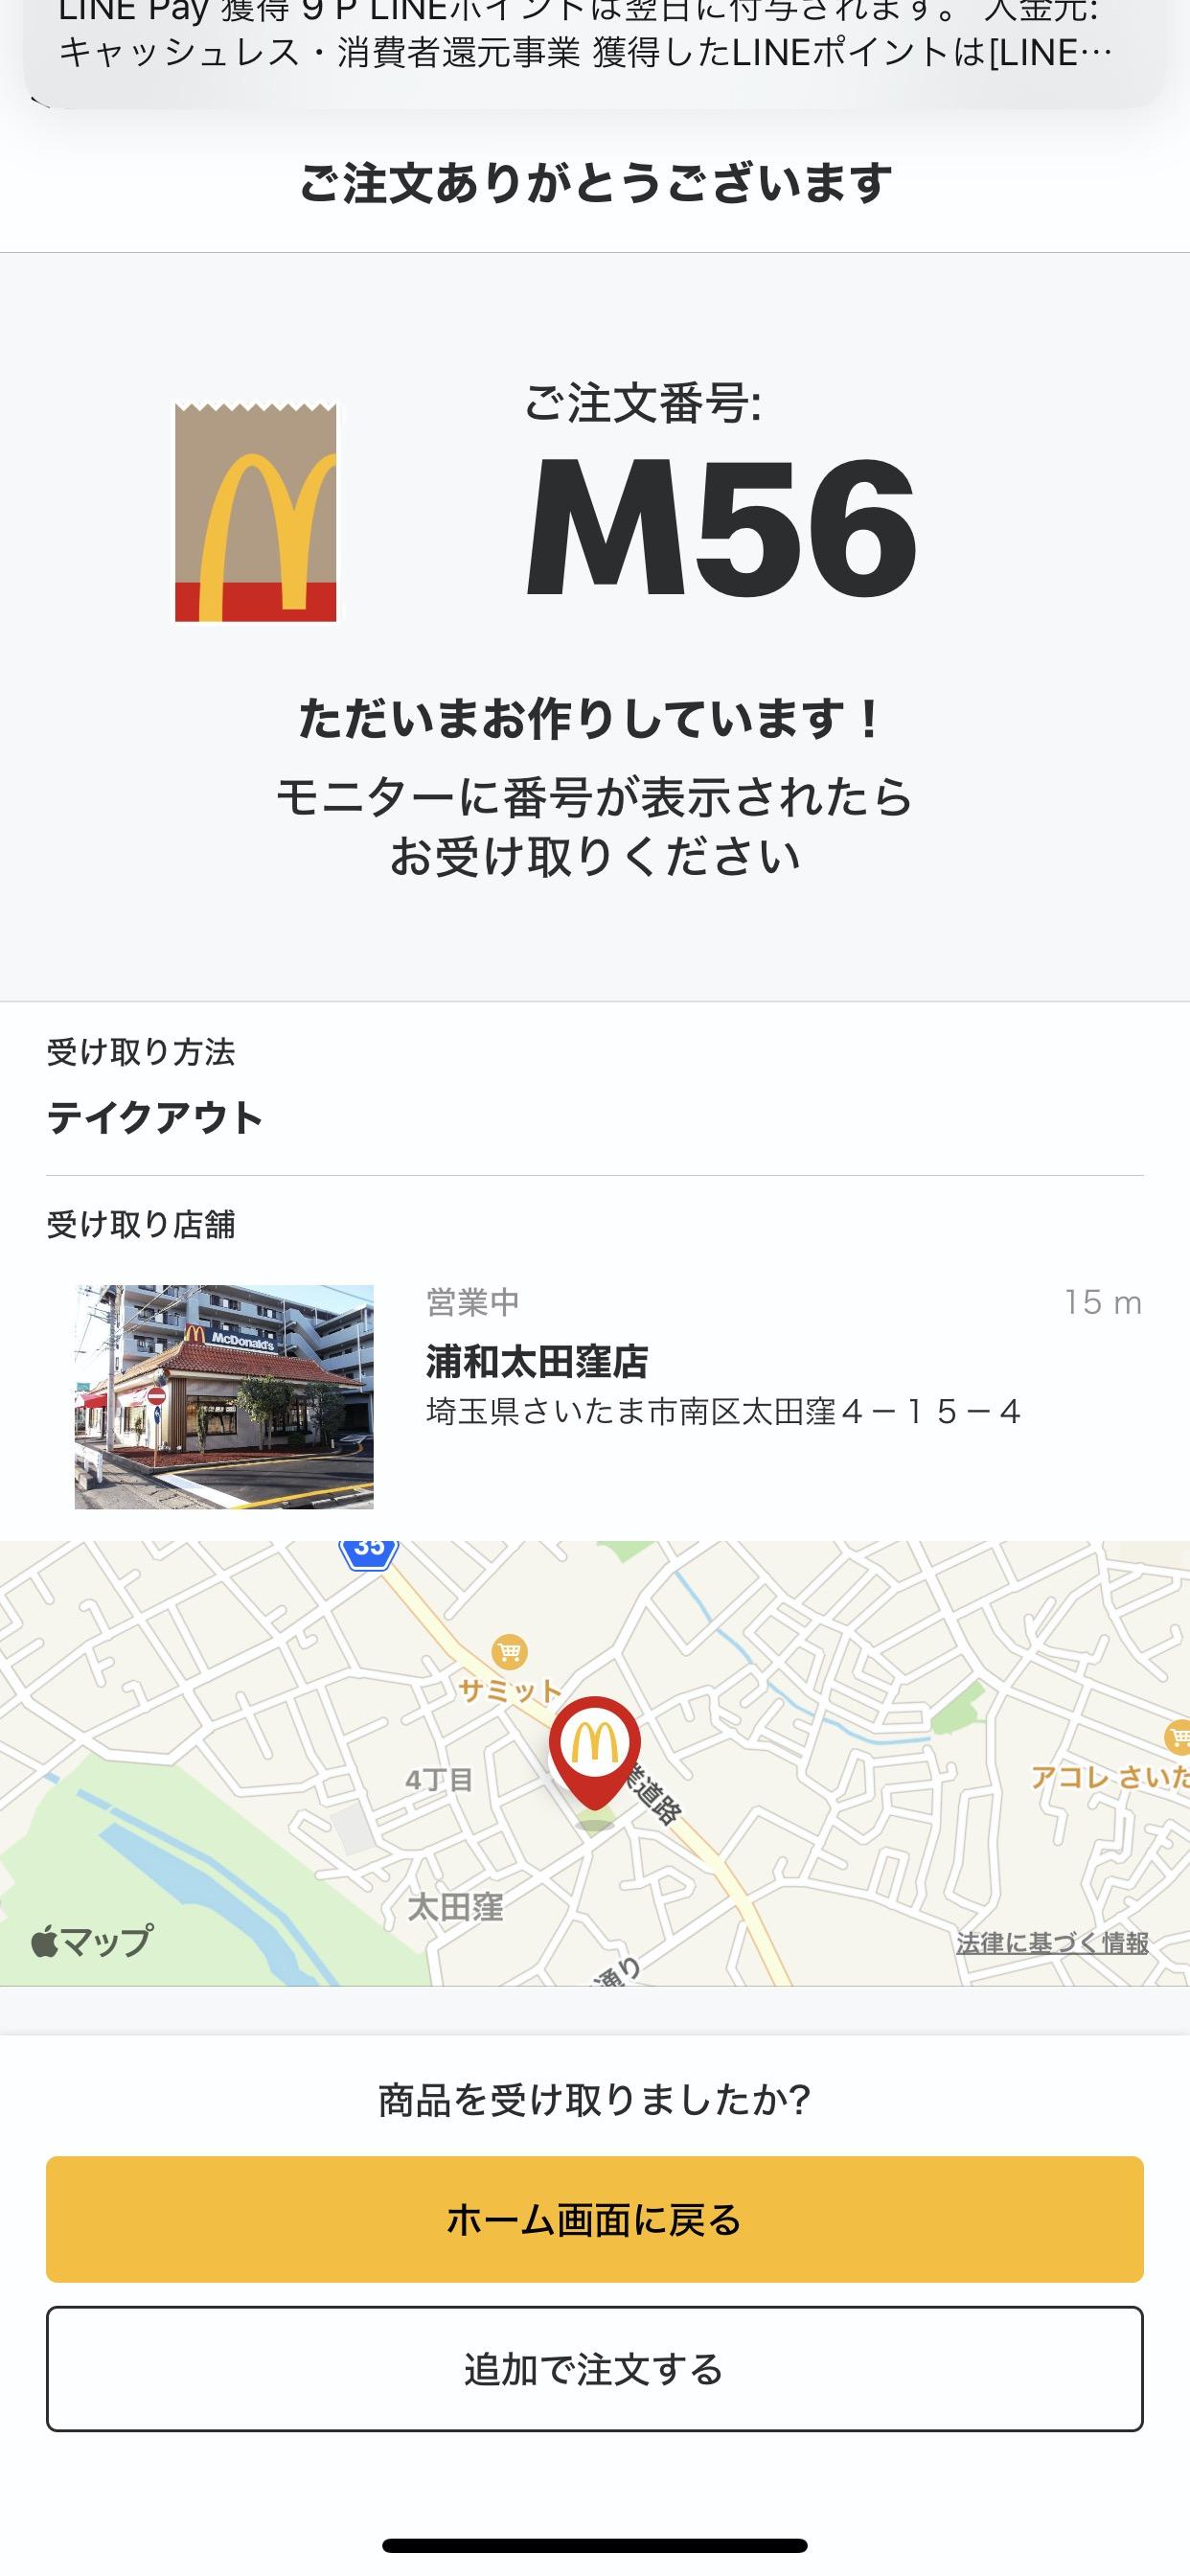 【マクドナルド】公式アプリ モバイルオーダー 9